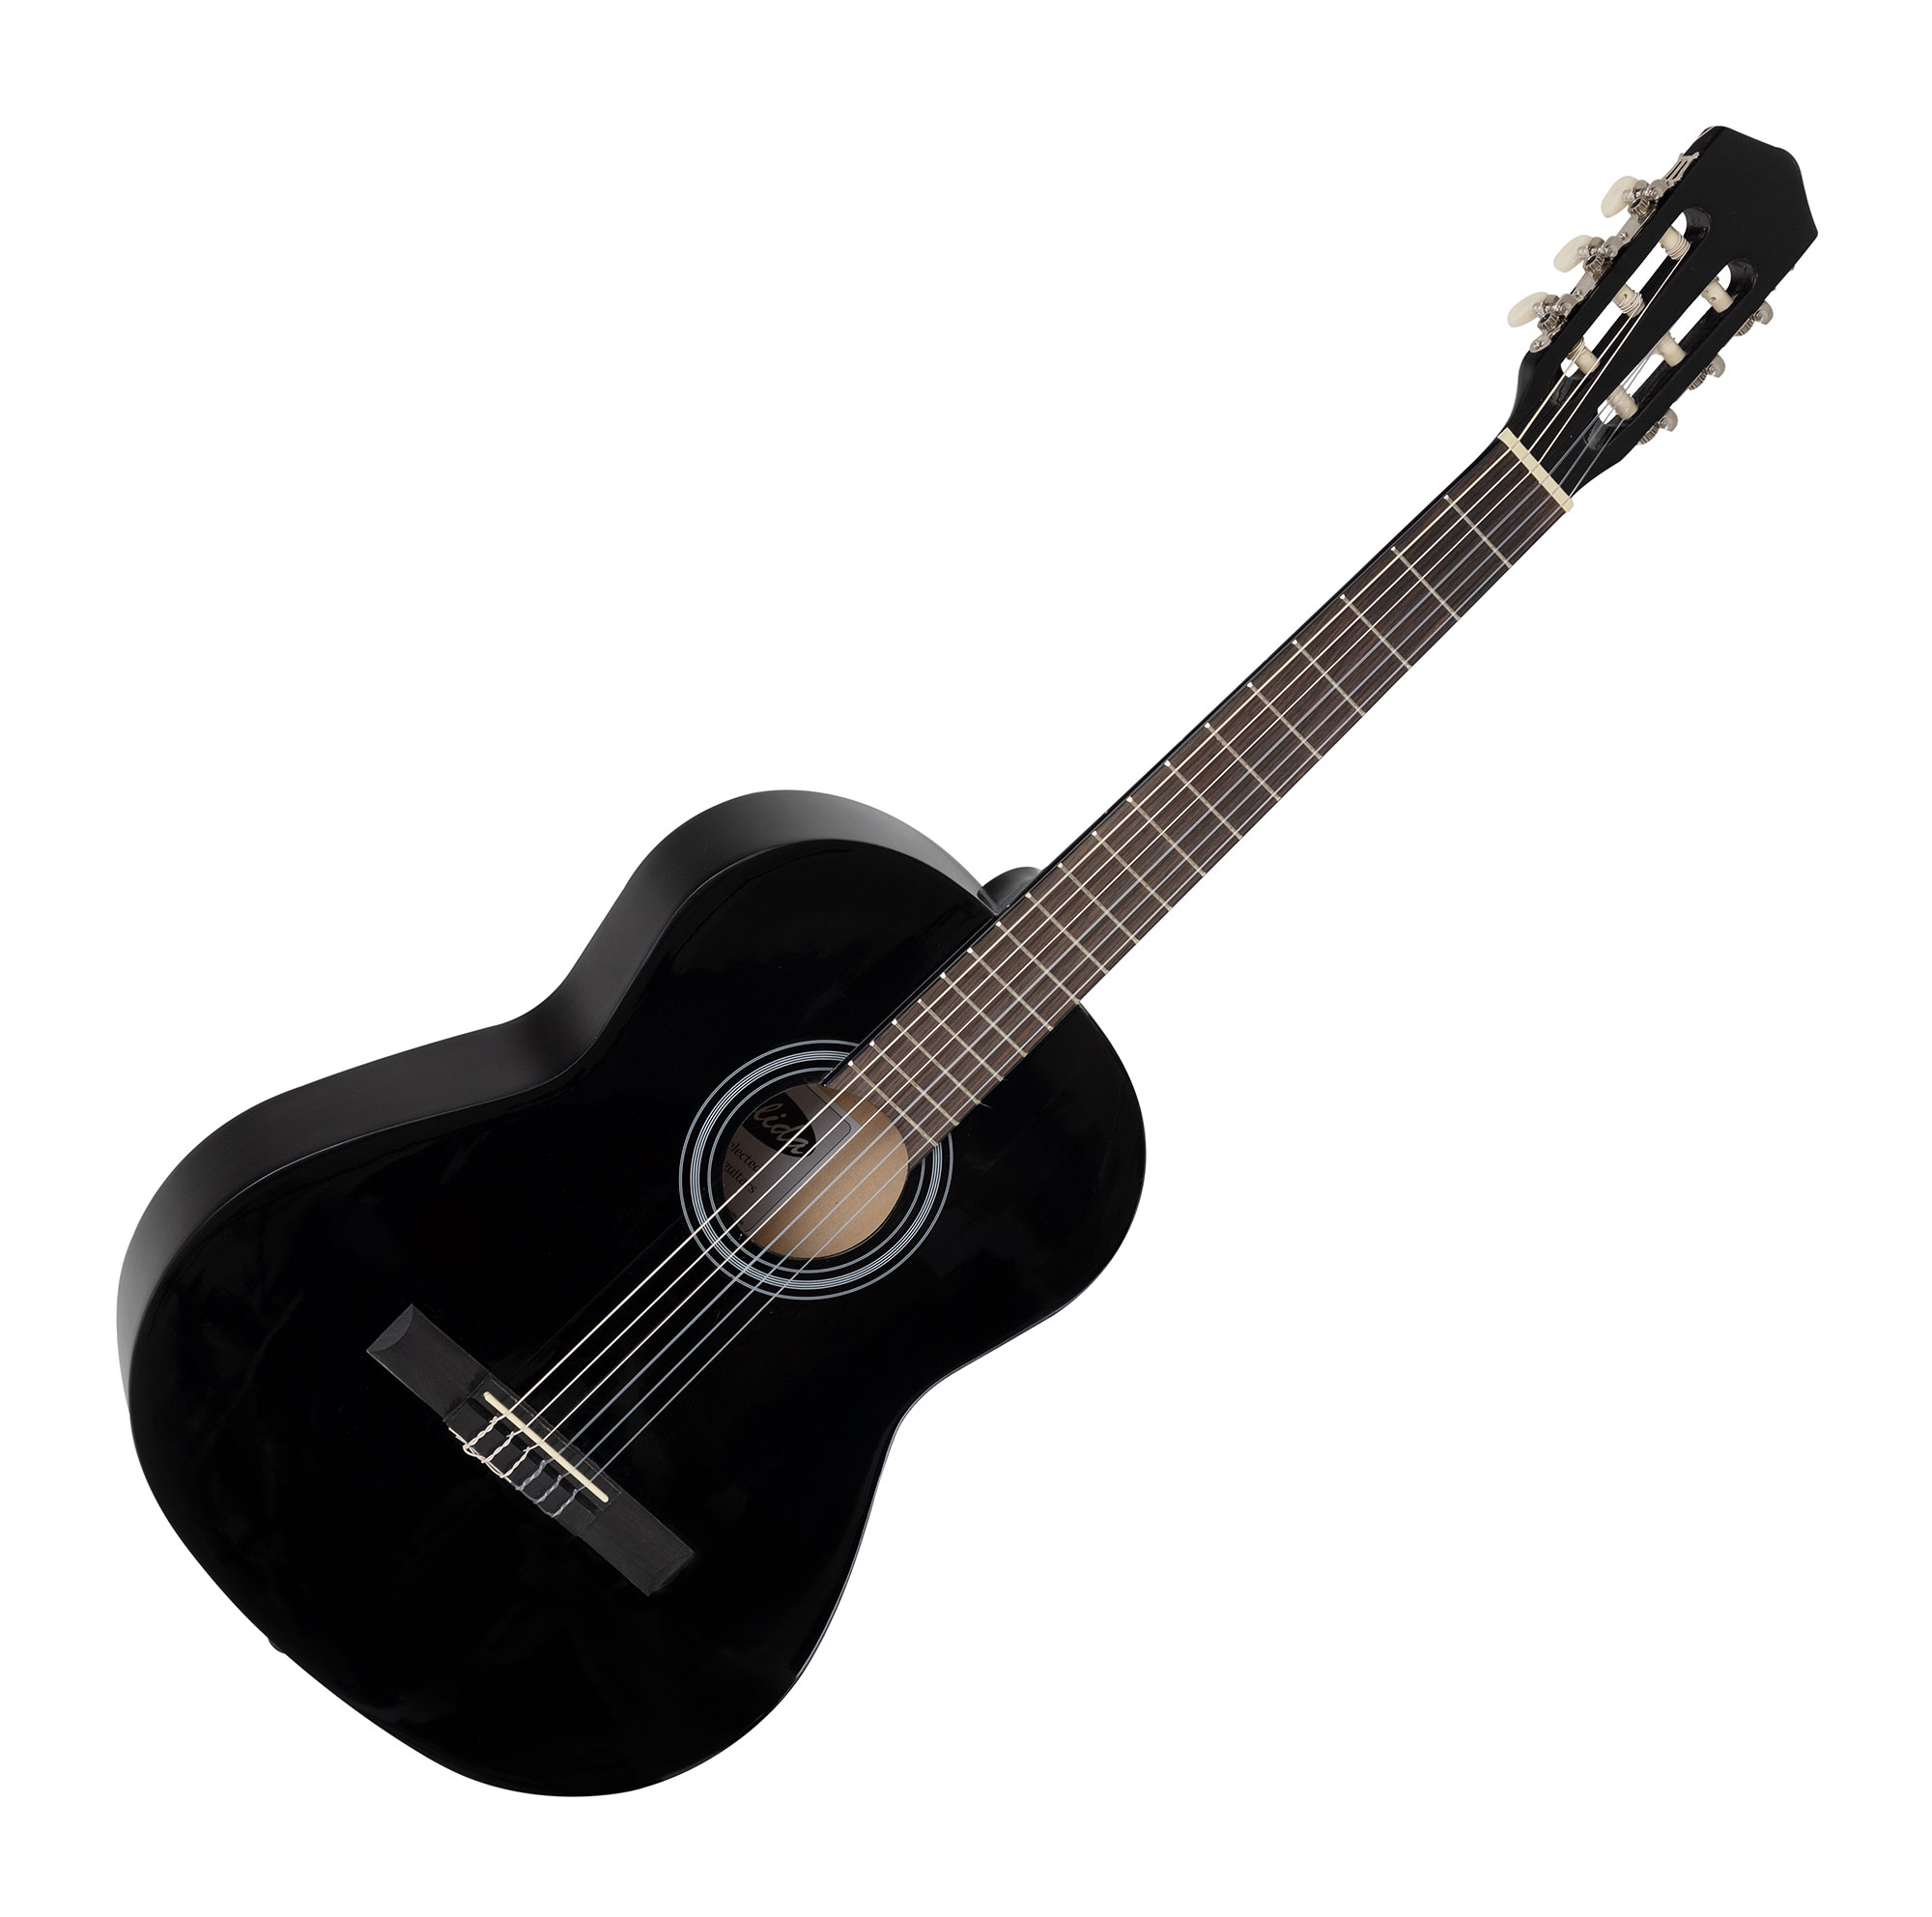 Calida Benita Konzertgitarre 7 8 schwarz